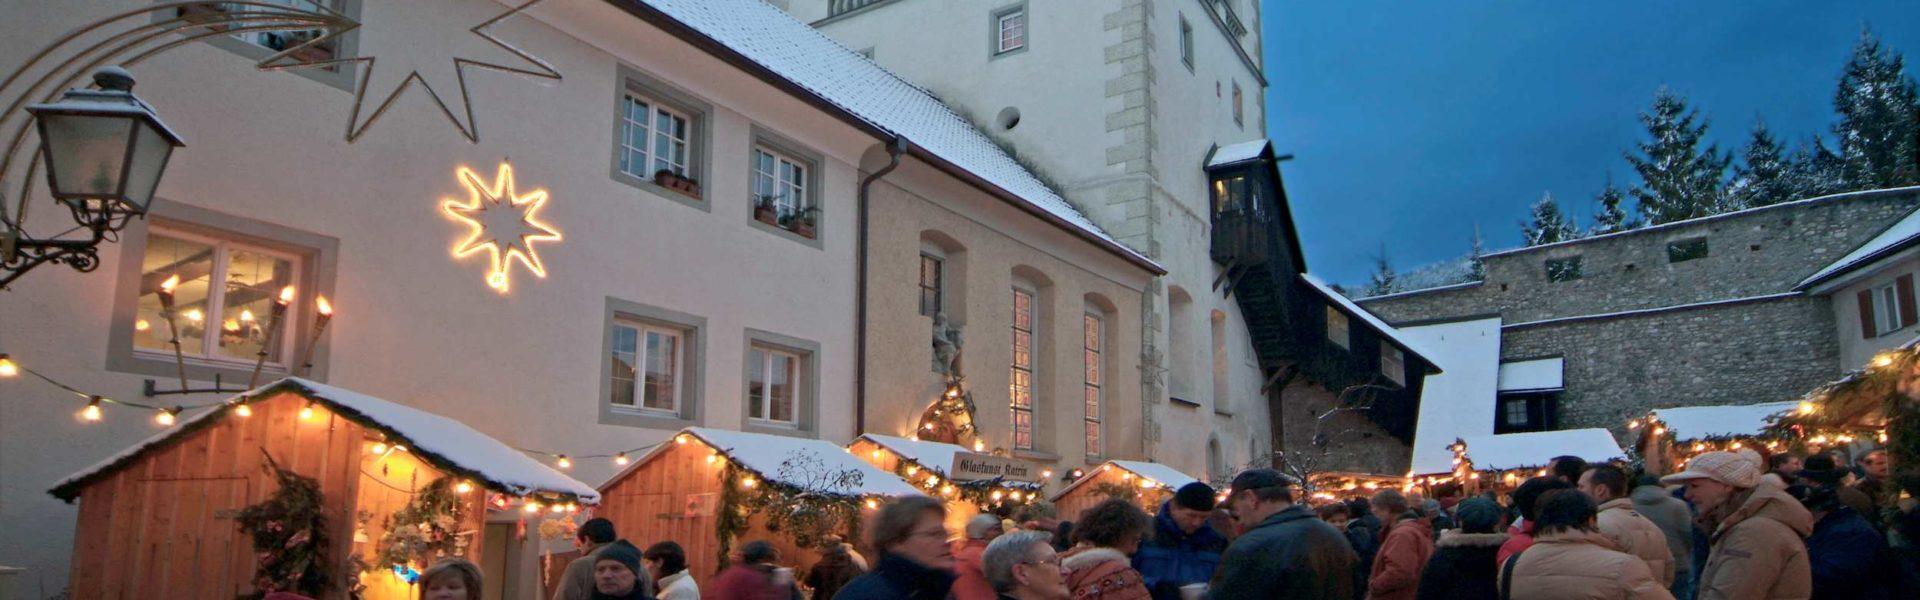 Weihnachtsmarkt Bregenz Oberstadt, Martinsturm (c) Roman Horner, Vorarlberg Tourismus GmbH